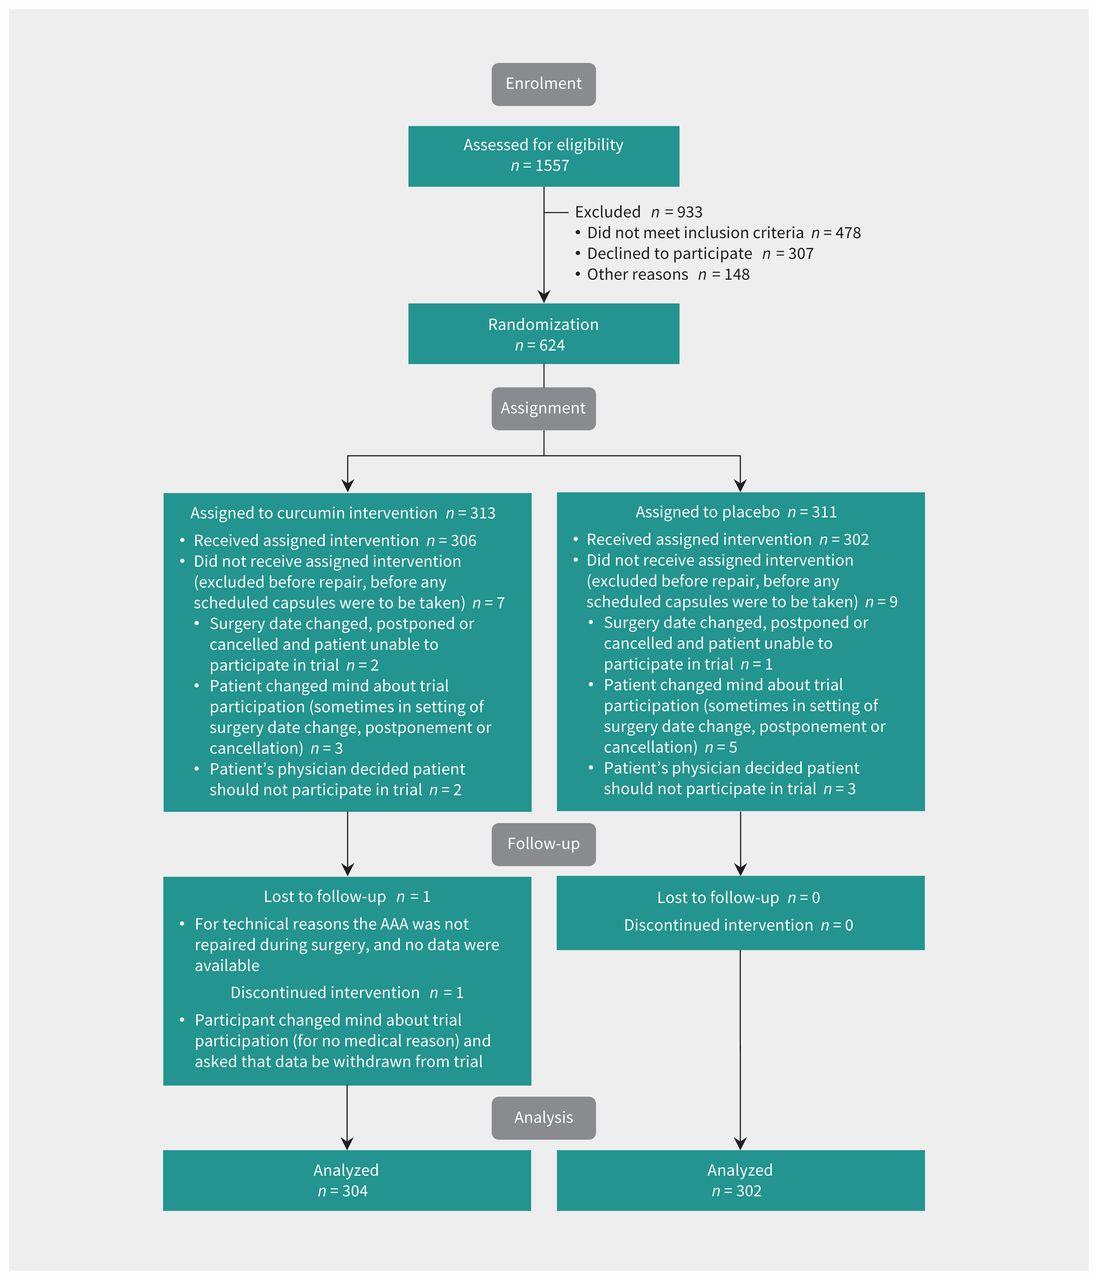 Oral curcumin in elective abdominal aortic aneurysm repair